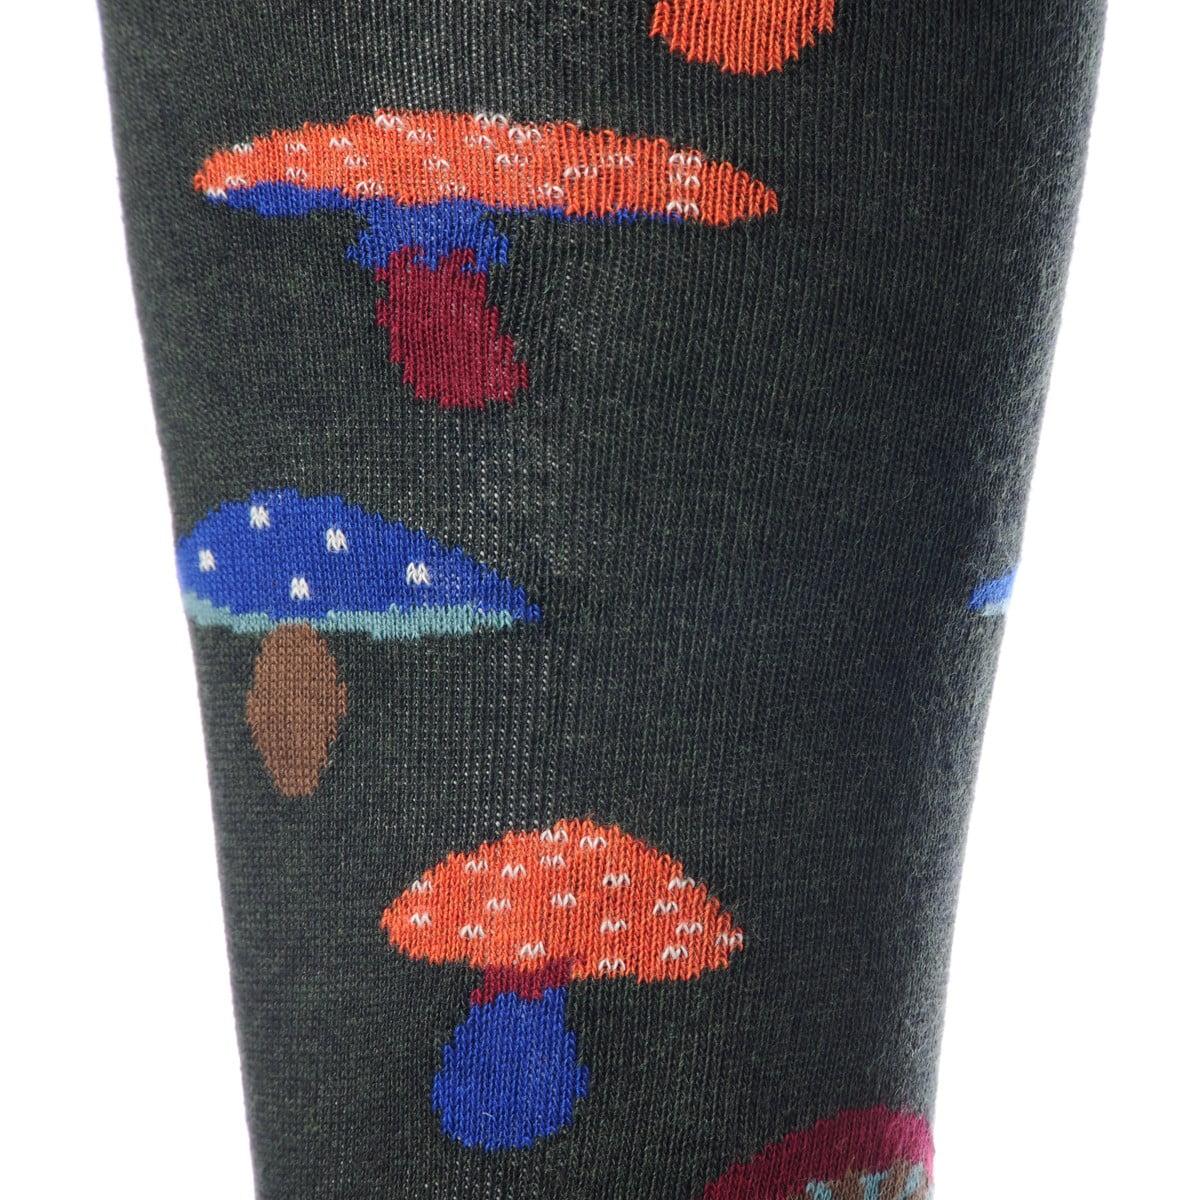 Calze Gallo funghetti color foresta dettaglio